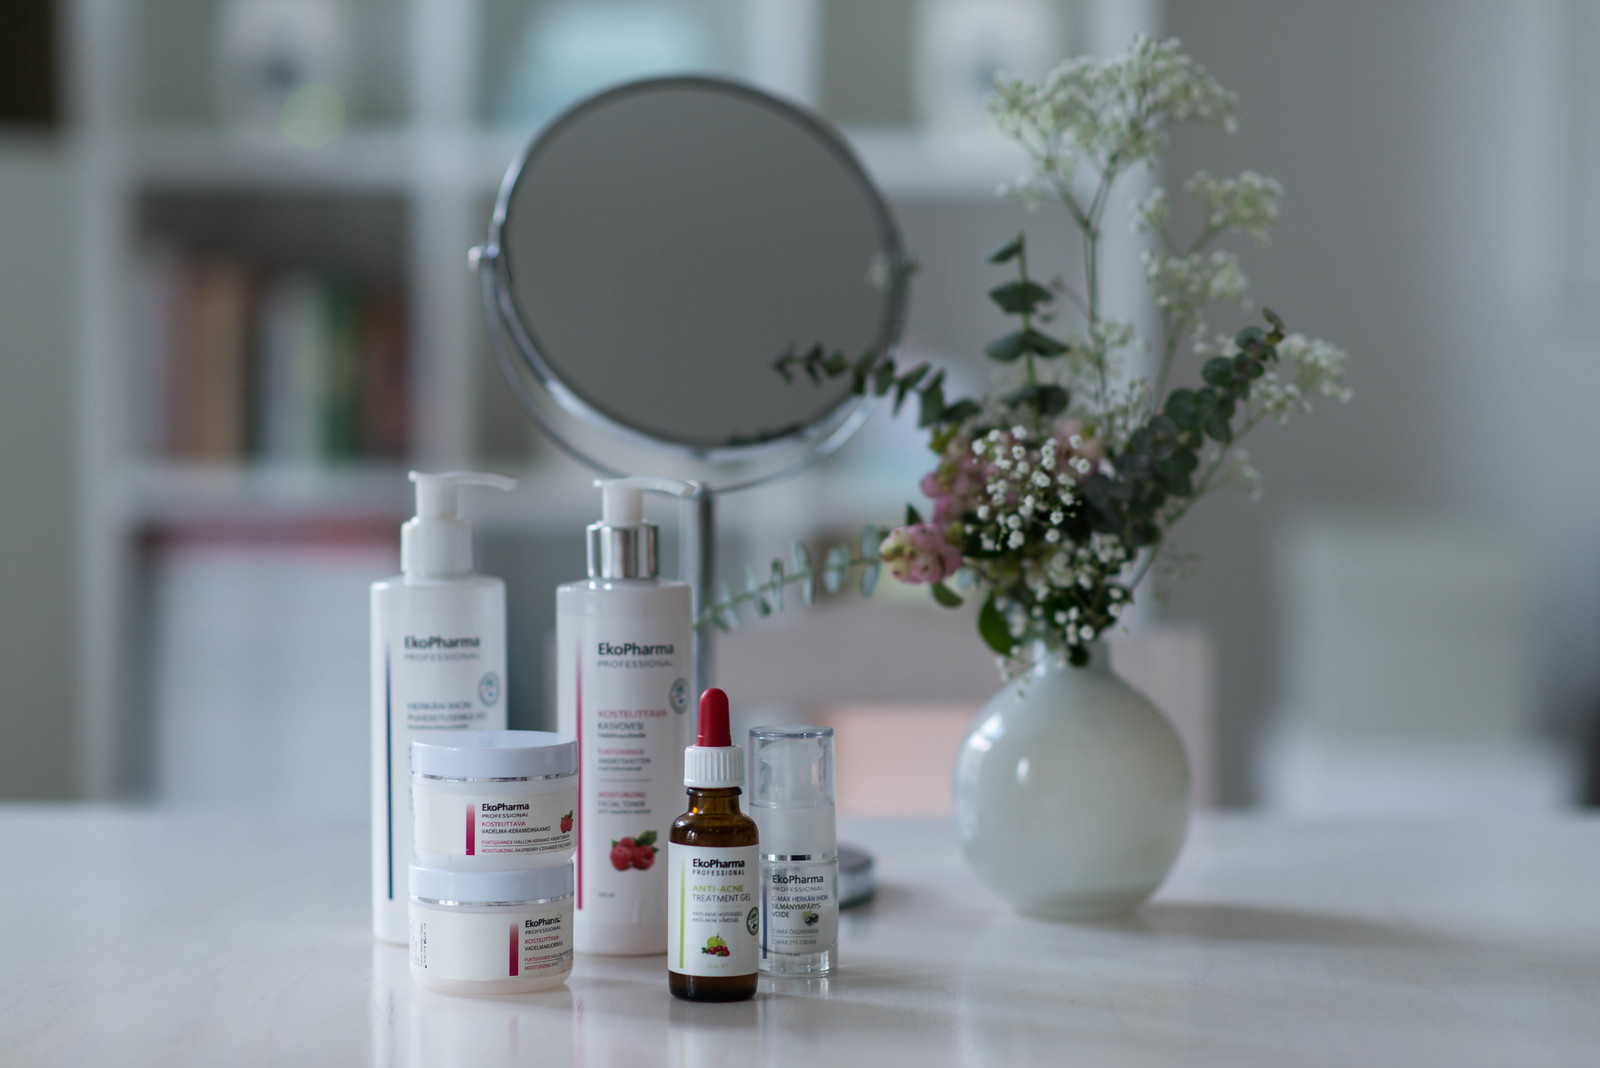 Viena K - Luonnonkosmetiikasta ja ihonpuhdistuksesta